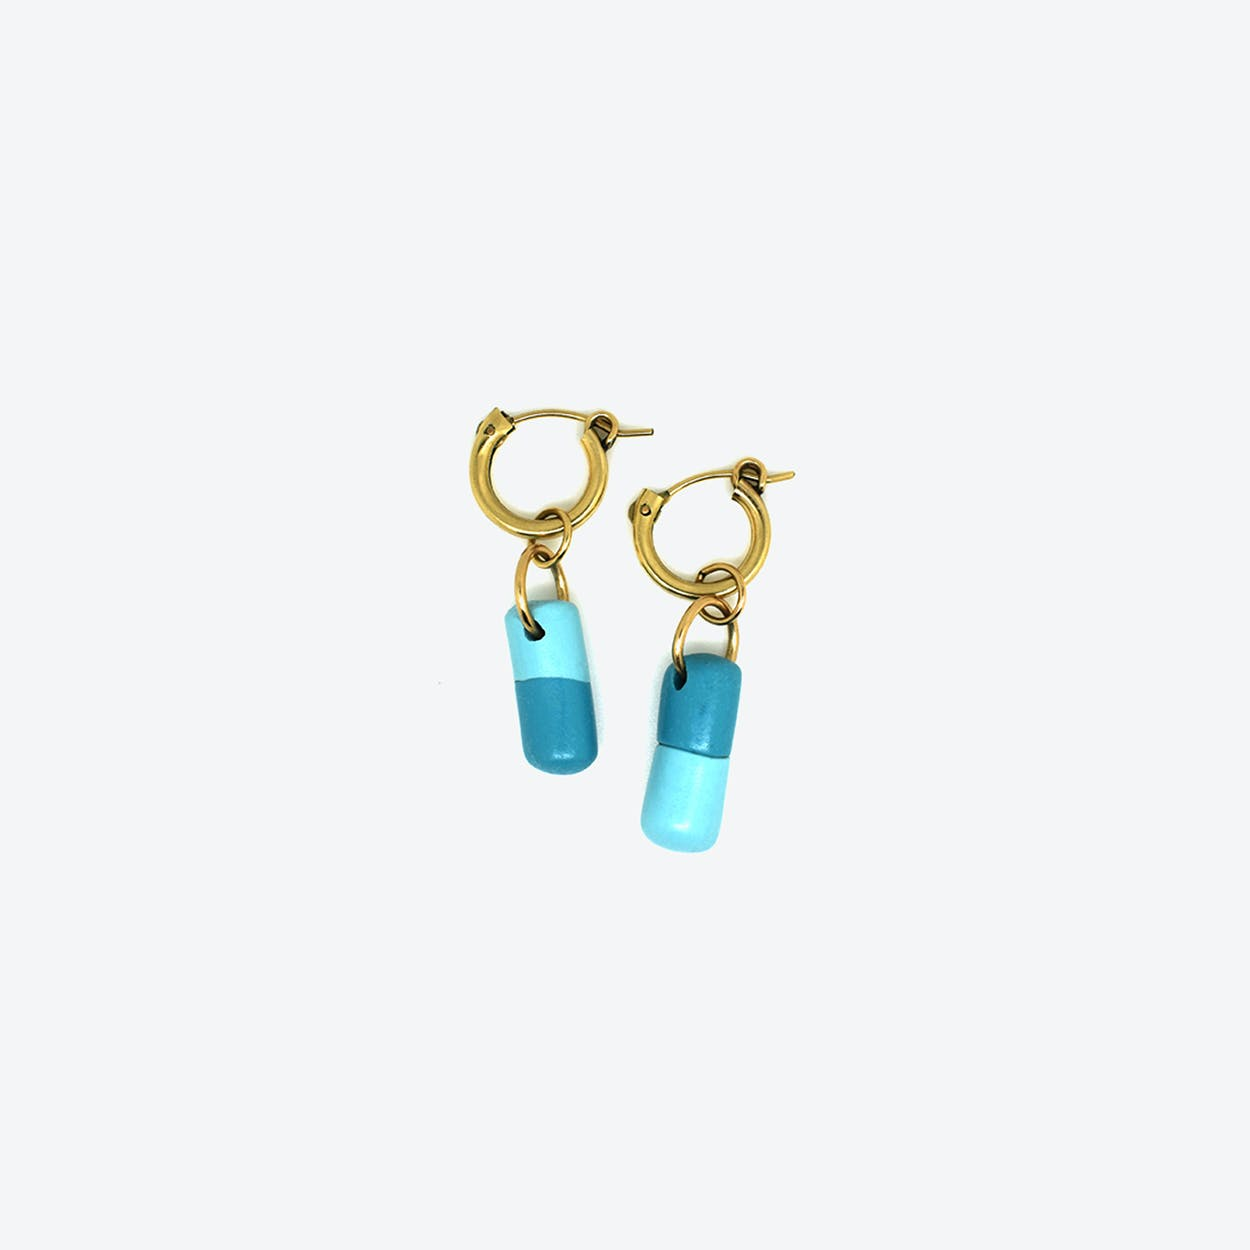 Pain Killer Earrings - Turquoise